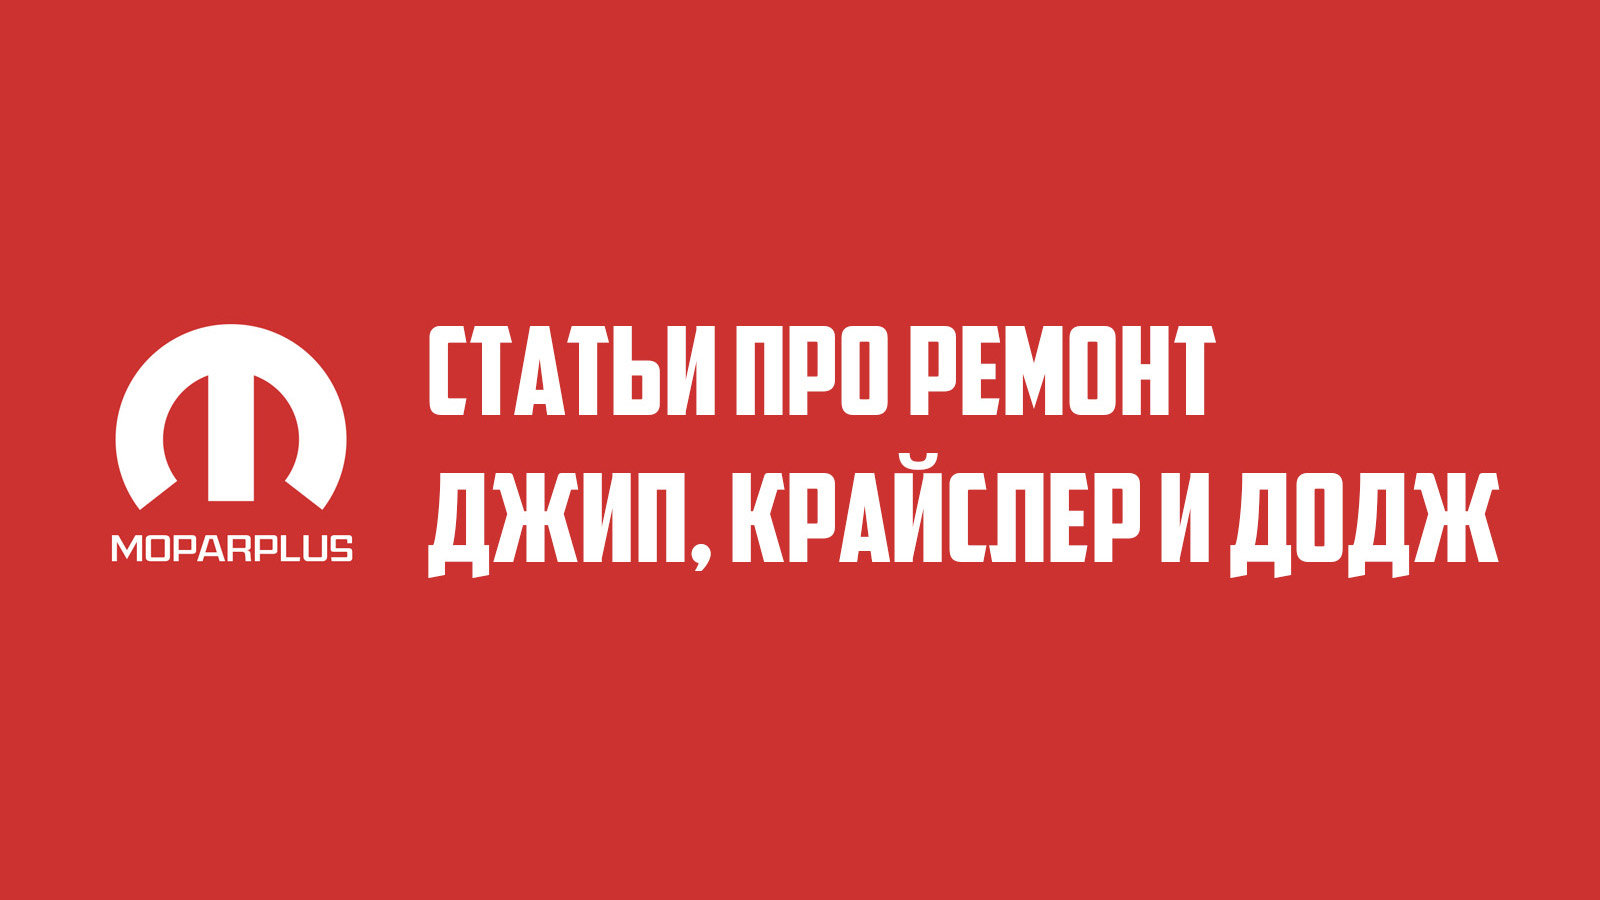 Статьи про ремонт. Выпуск №43.